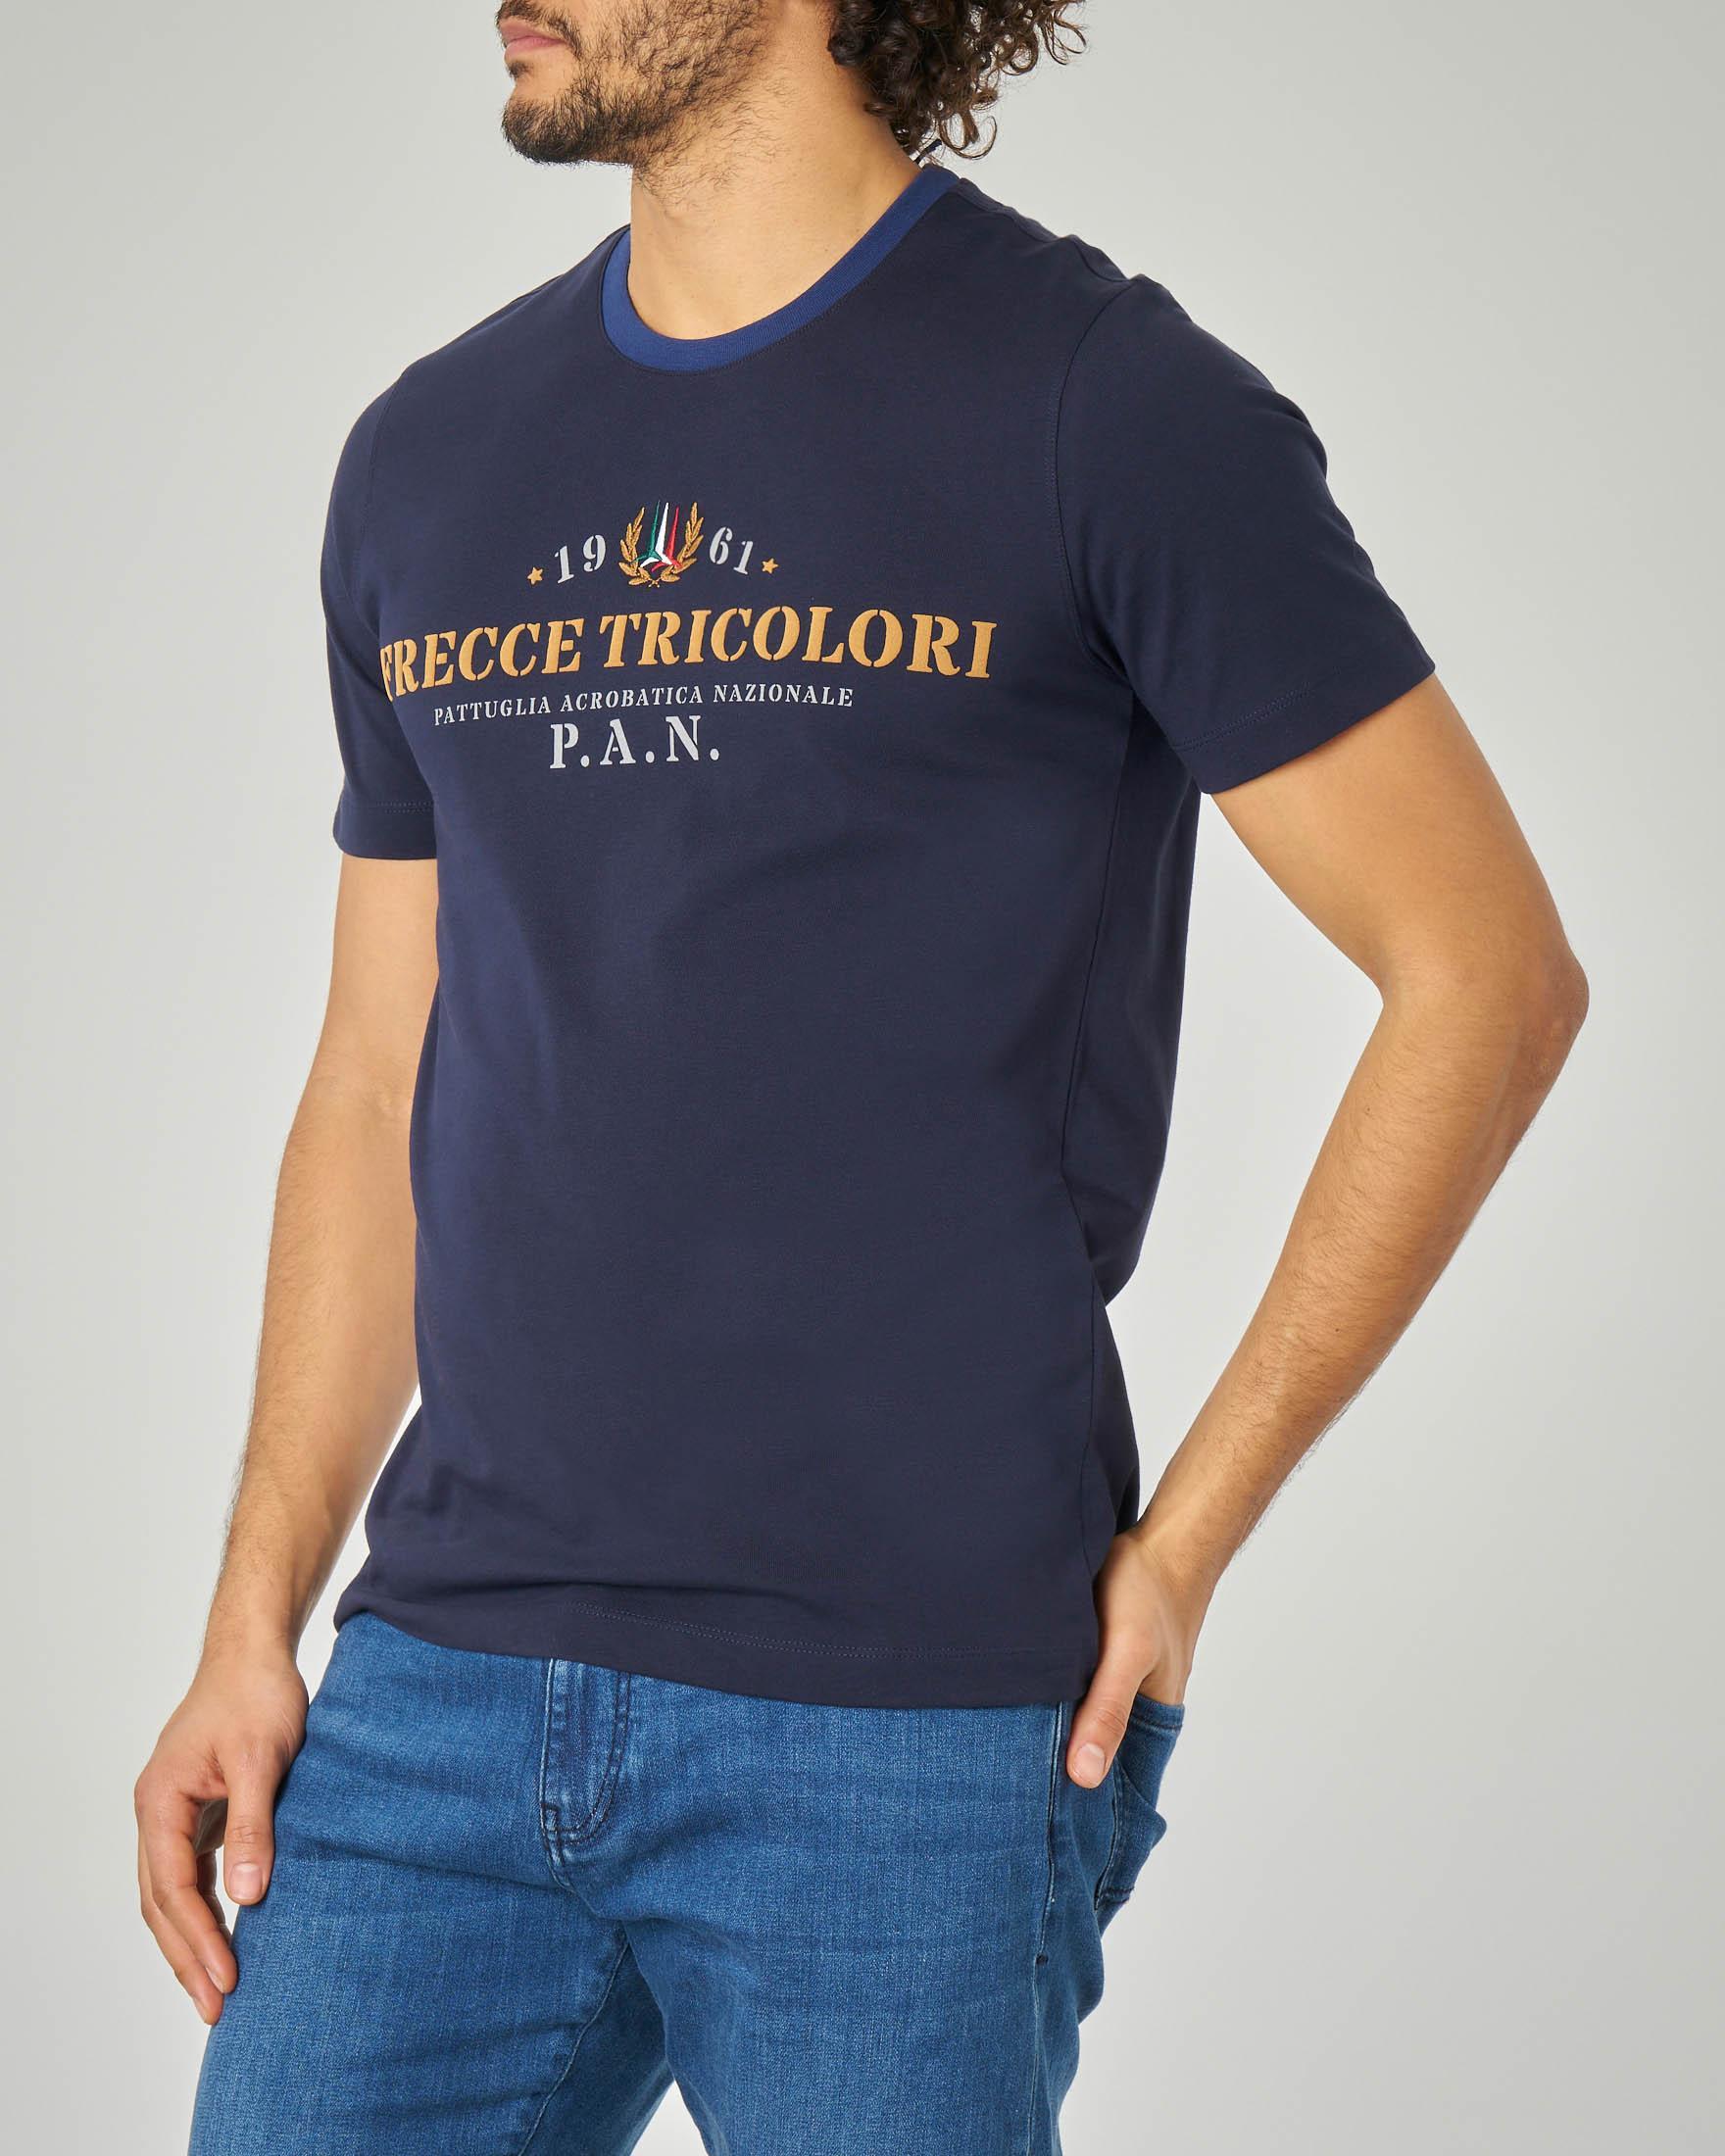 T-shirt blu con collo in contrasto e logo Frecce Tricolore